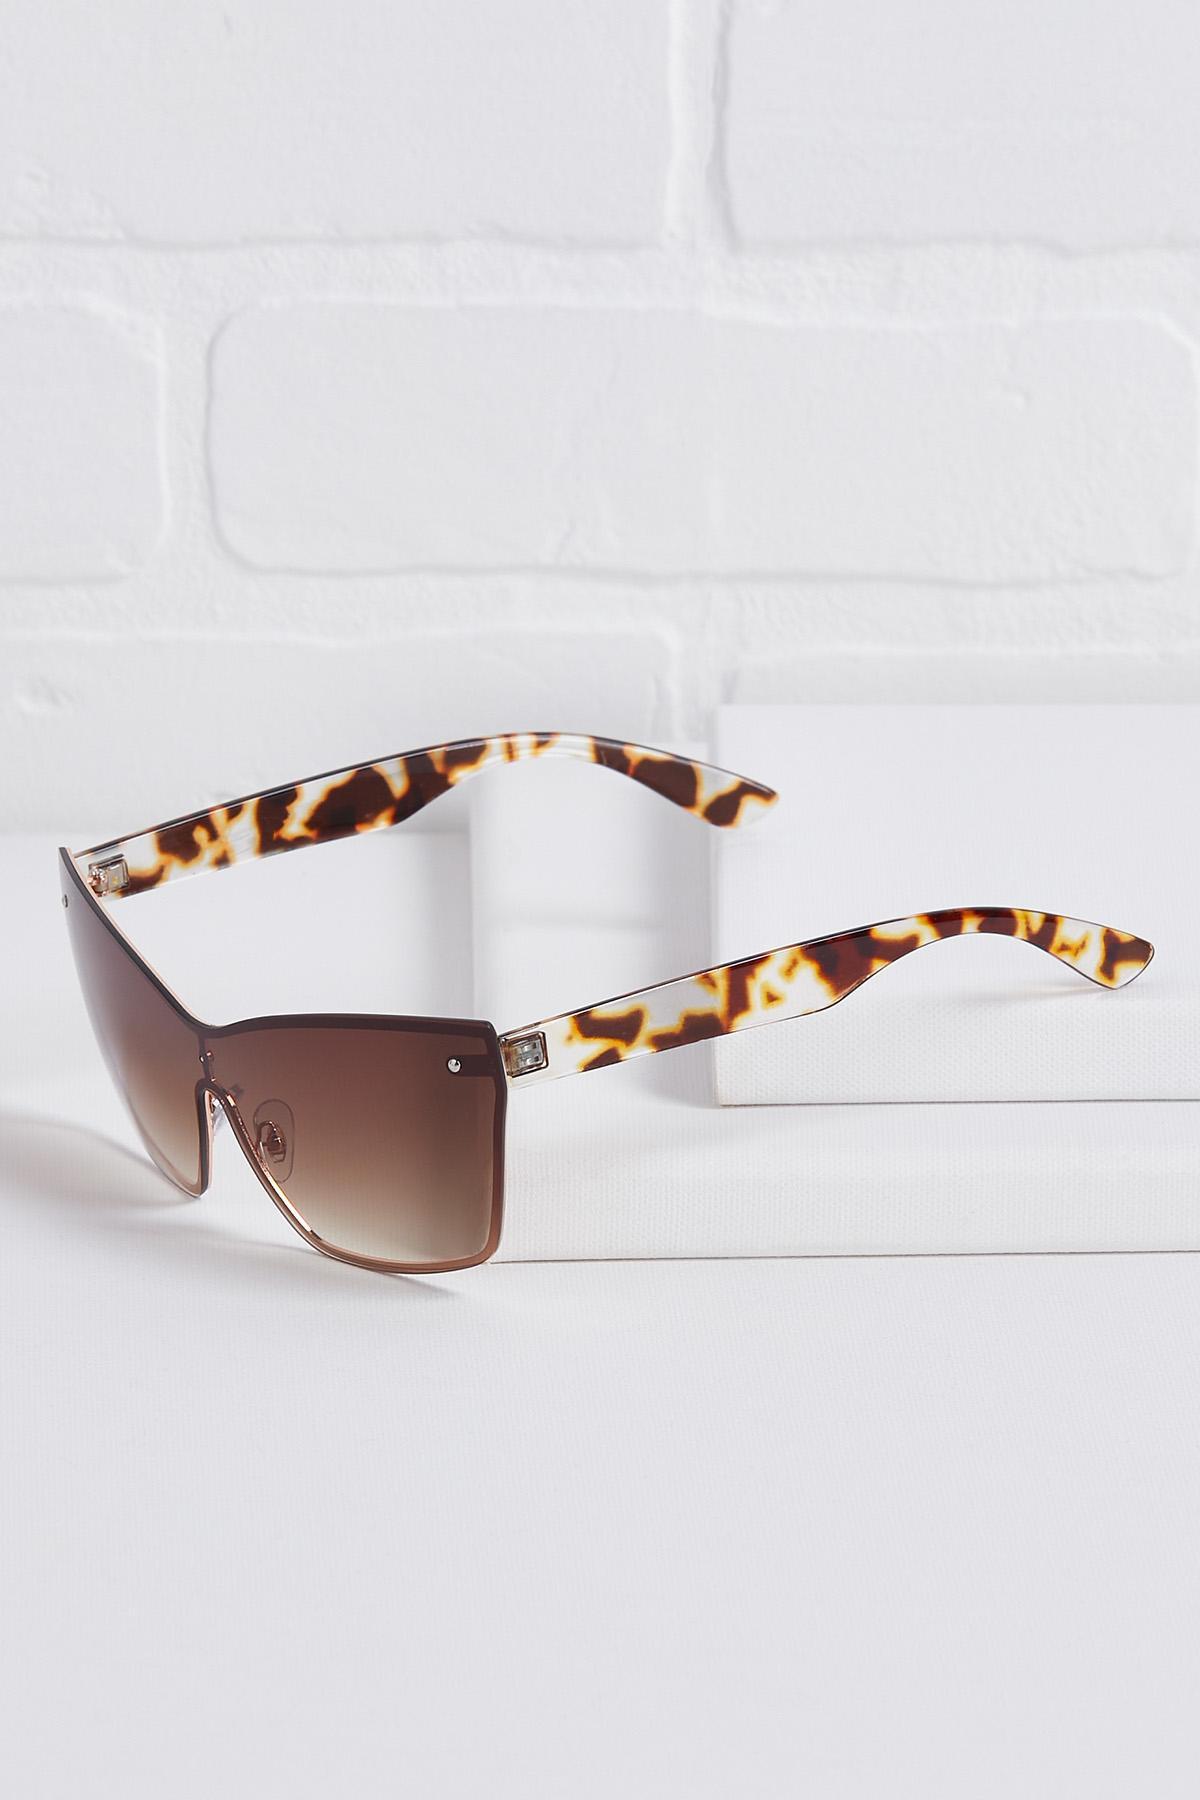 Shield Of Dreams Sunglasses